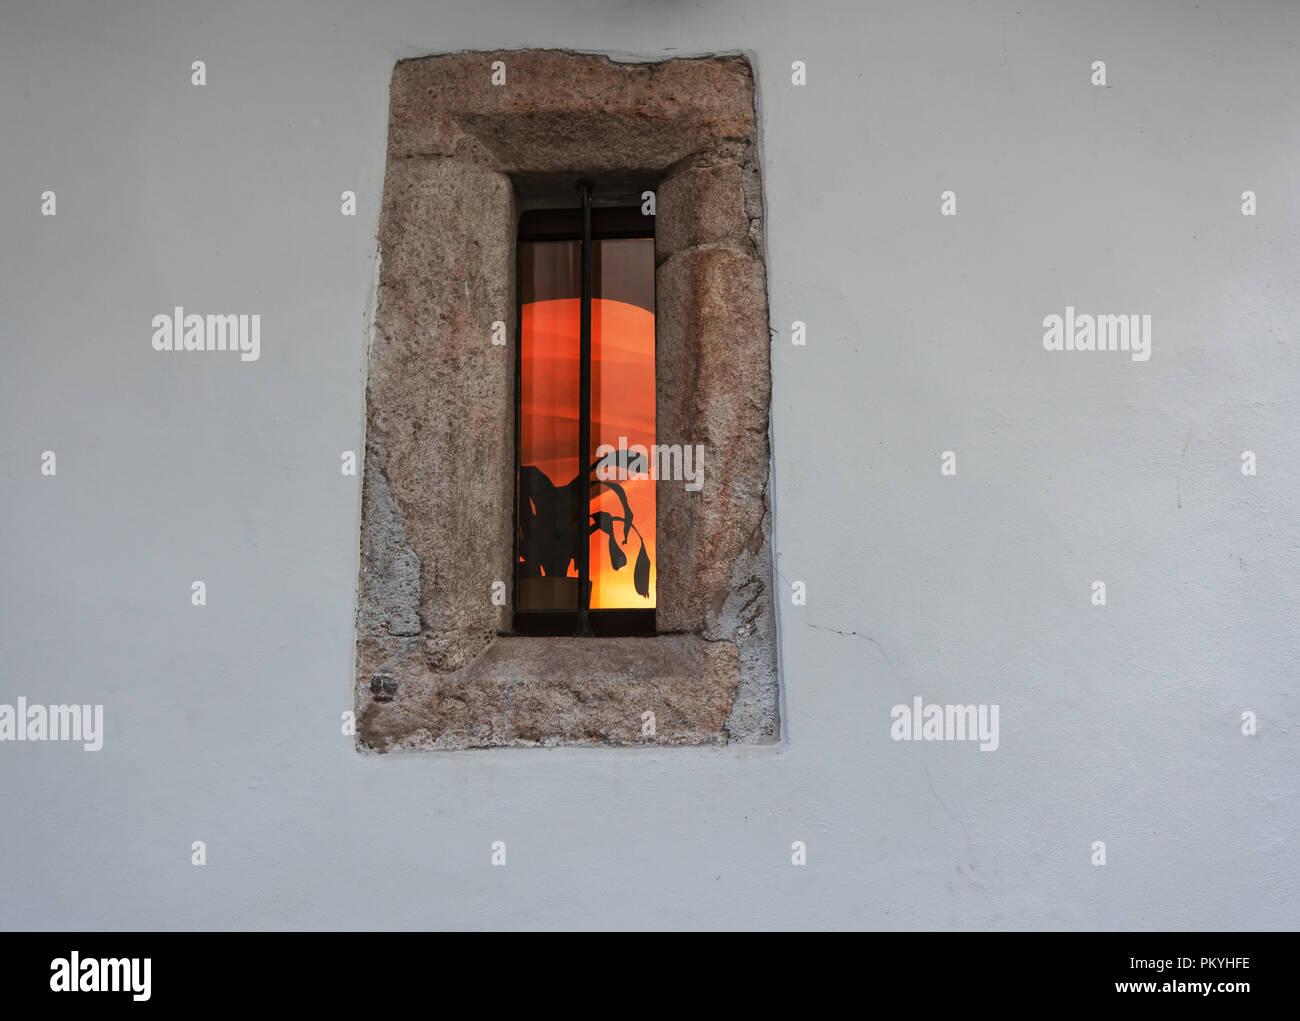 Cornice Lunga E Stretta stretta e lunga finestra elegante con cornice in pietra e un